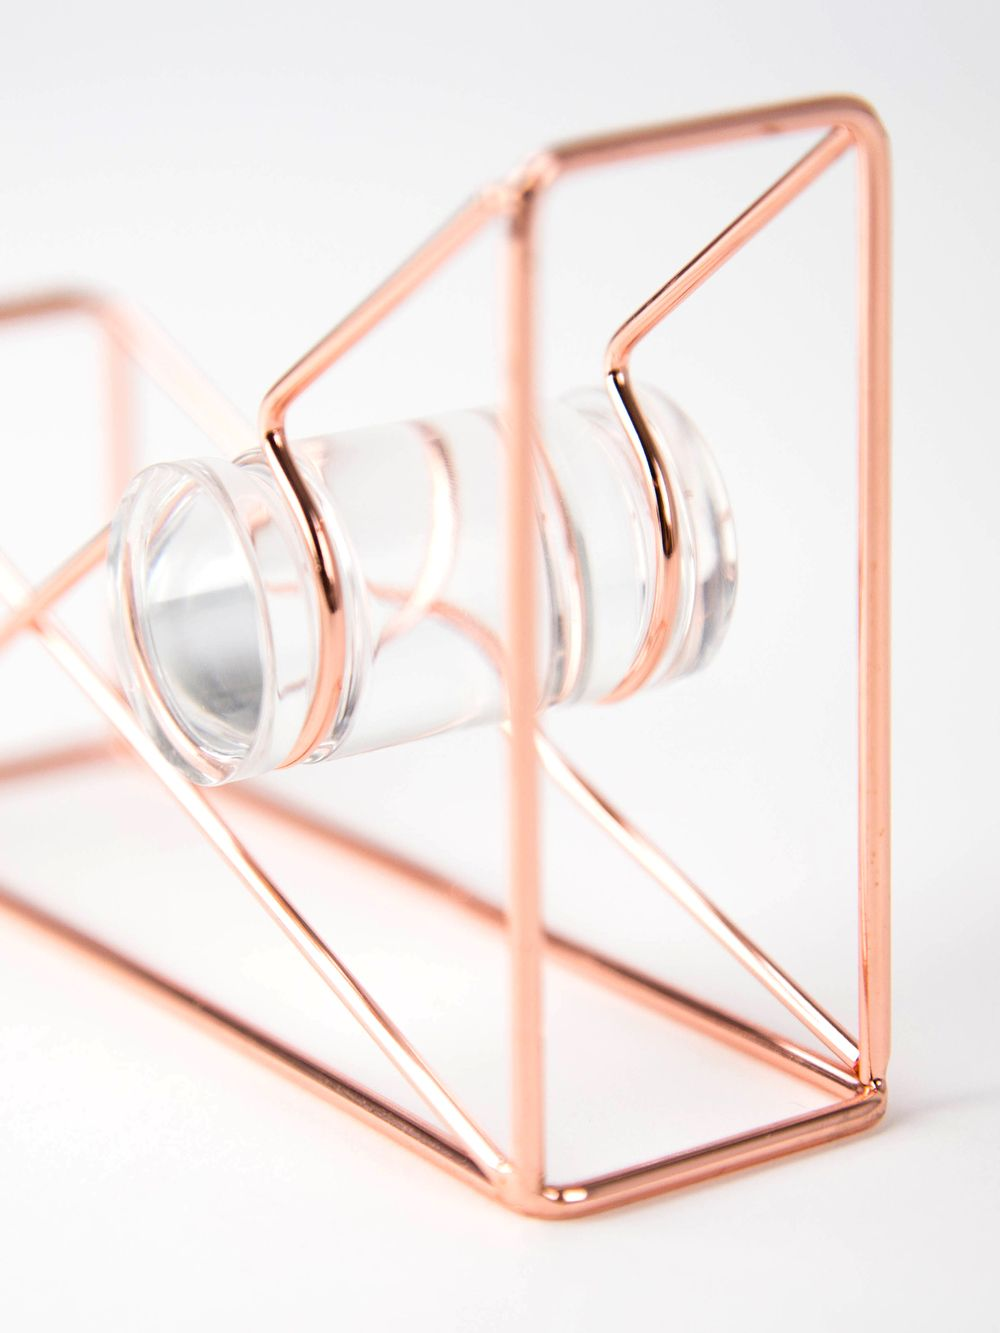 U Brands Copper Wire Tape Dispenser Tape Dispenser